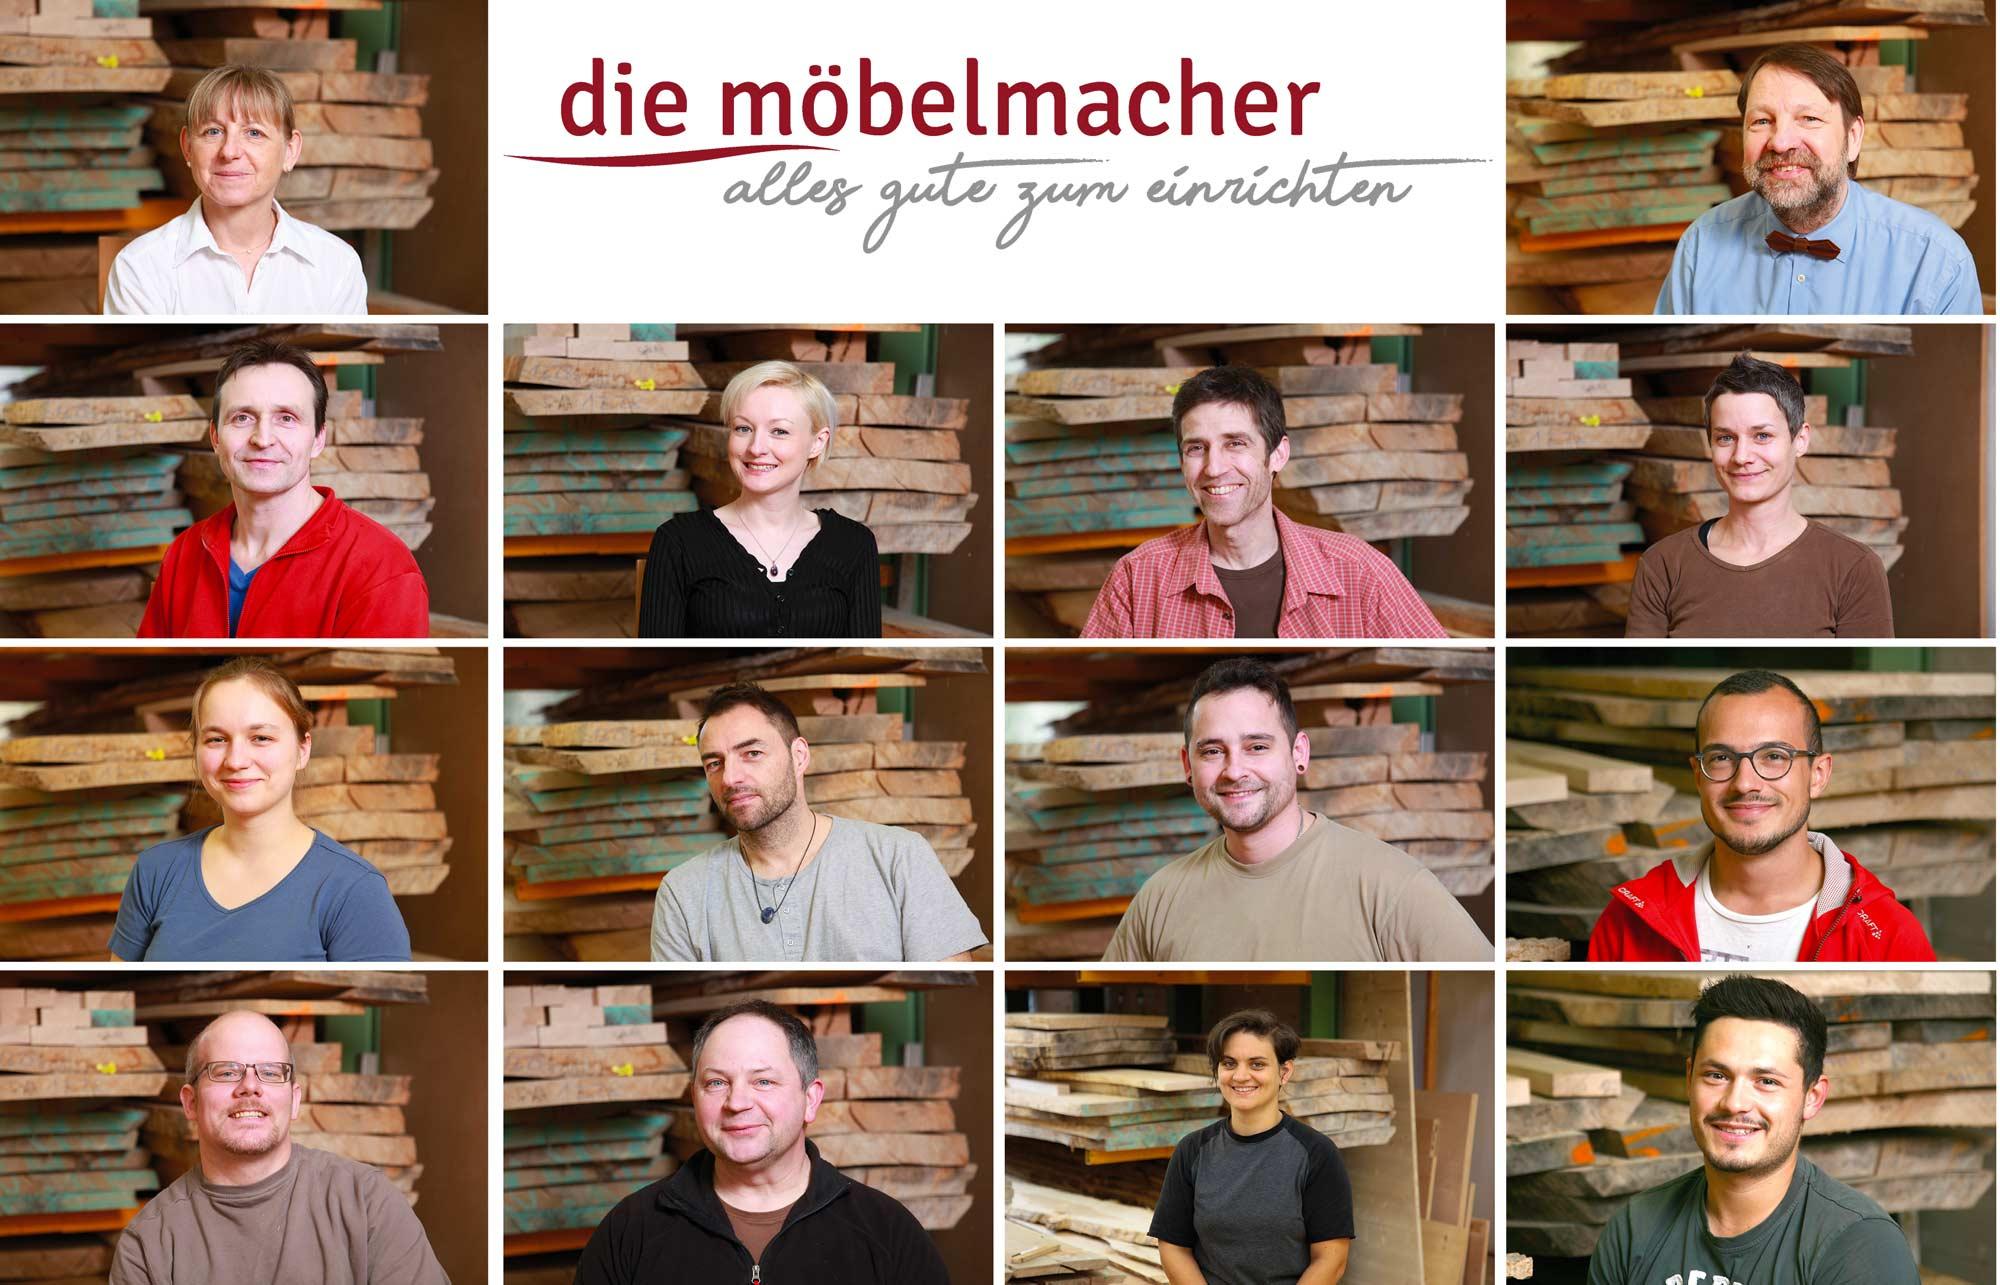 Die Möbelmacher unser team die möbelmacher